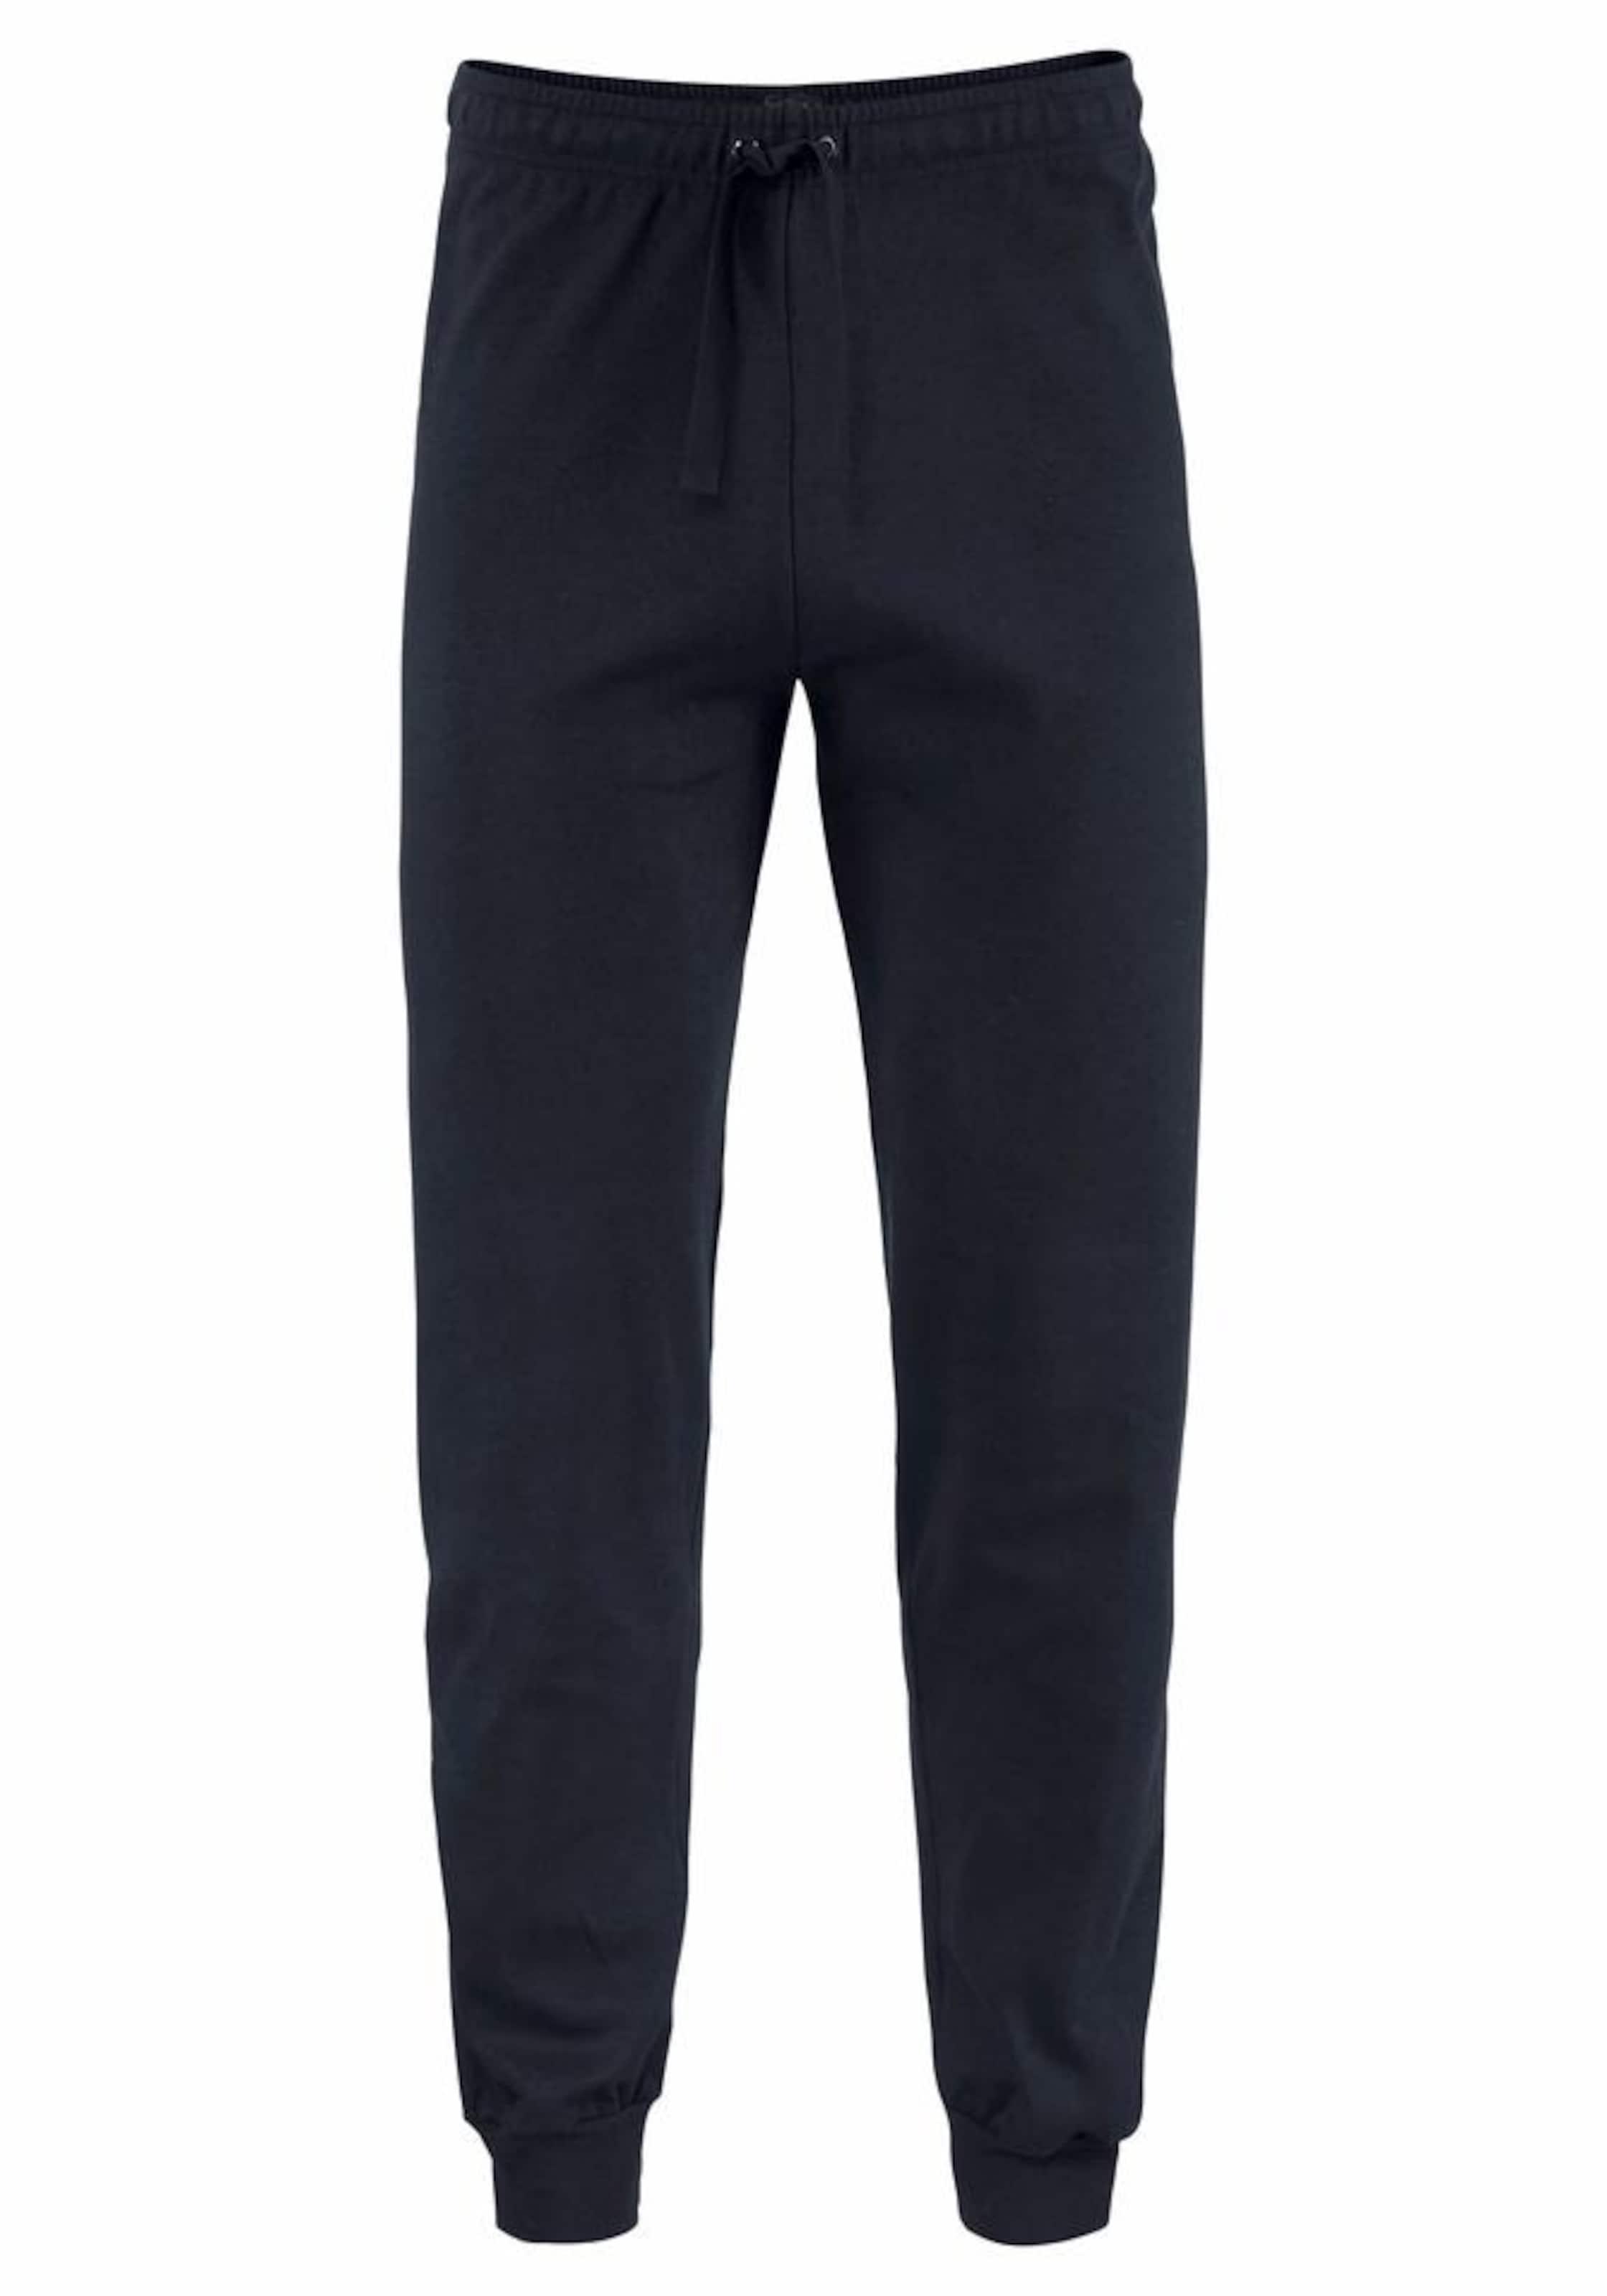 Graumeliert Pyjama Schiesser Schiesser In Pyjama PZkiuOX